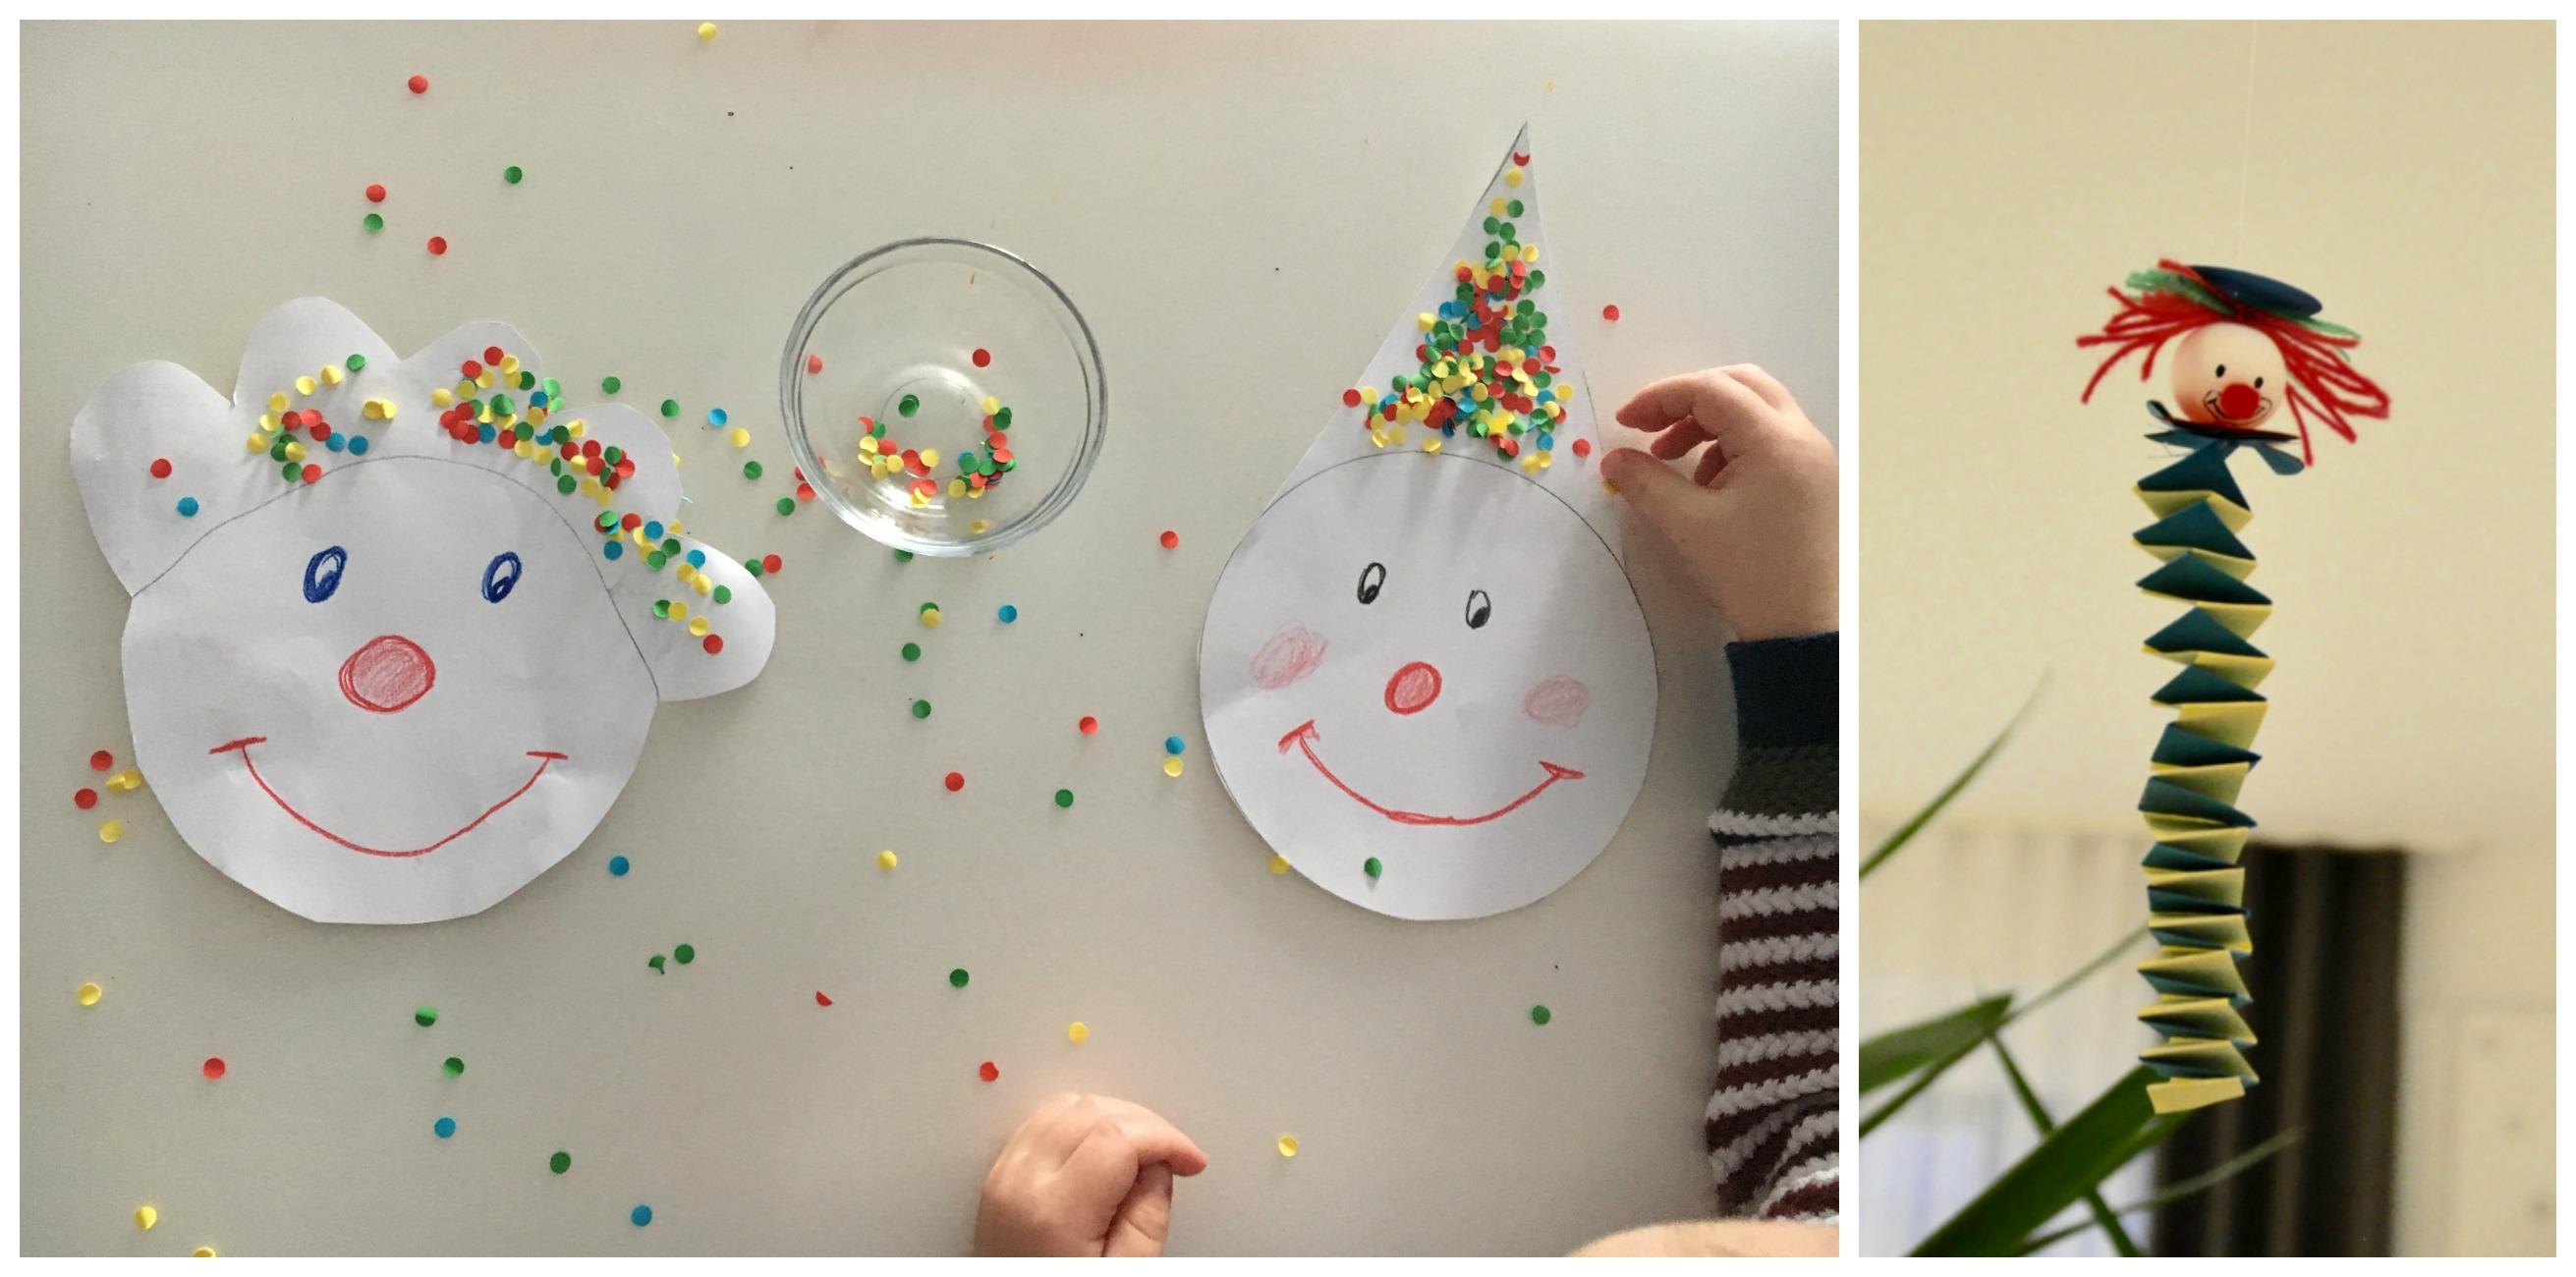 Basteln mit kindern faschingsclowns kinderleicht selbstgemacht mamablog einer schreit immer - Clown basteln kindergarten ...